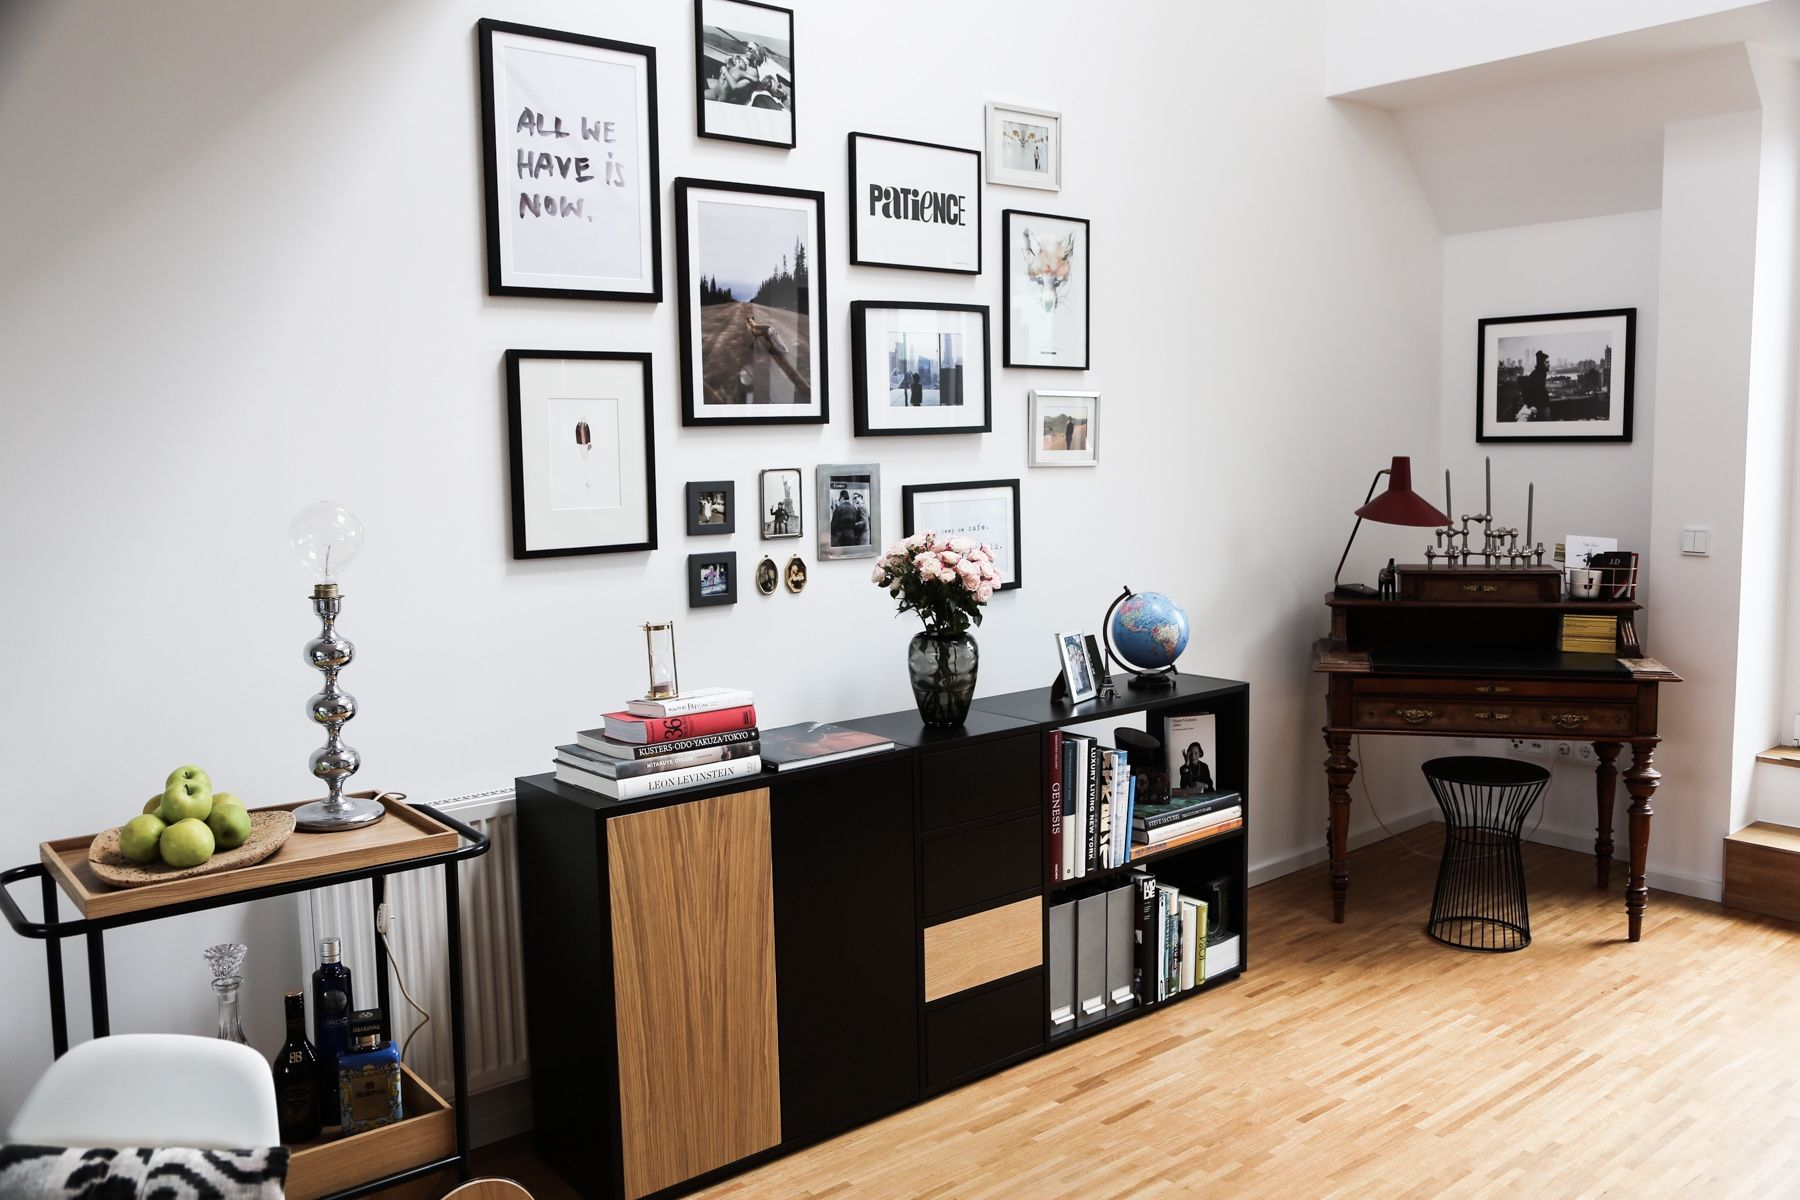 Inspiration Wohnen: Die Neue Maisonettewohnung. Asche Auf Mein Haupt!  Dieser Post Hat Wirklich